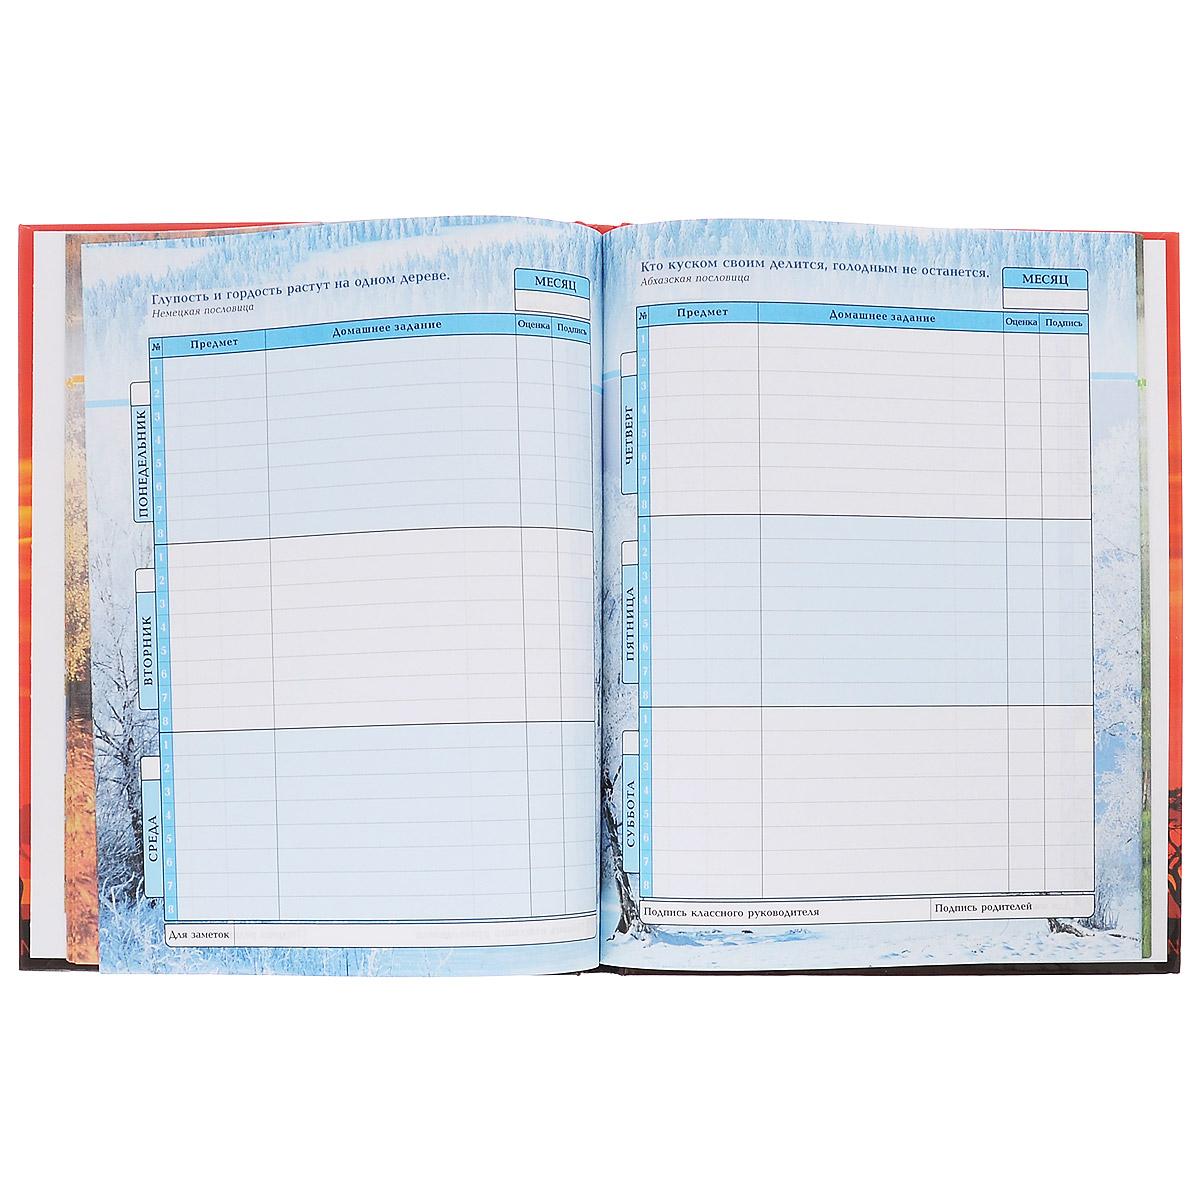 Школьный дневник Hatber Жираф - первый ежедневник вашего ребенка. Он поможет ему не забыть свои задания, а вы всегда сможете проконтролировать его успеваемость. Дневник предназначен для учеников 1-4 классов. Обложка дневника выполнена из плотного глянцевого картона и оформлена объемной наклейкой в виде головы жирафа. Внутренний блок изготовлен из высококачественной бумаги и состоит из 48 листов с изображением трех временгода: осени, зимы и весны. Каждая страничка дневника содержит пословицы разных народов мира. Вструктуру дневника входят все необходимые разделы: информация о личных данных ученика, школе и педагогах,друзьях и одноклассниках, расписание факультативов и уроков по четвертям, сведения об успеваемости срекомендациями педагогического коллектива. Дневник также содержит номера телефонов экстренной помощи и даты государственных праздников. Кроме стандартной информации, вконце дневника имеется краткий справочник школьника по математике и русскому языку. На внутреннем развороте обложки дневника изображены физическая и административная карты России. Задняя обложка дополнена справочной информацией по математике, в том числе таблицей умножения.  Школьный дневник Hatber Жираф станет отличным помощником в освоении новых знаний и принесет радость своему хозяину в учебные будни.